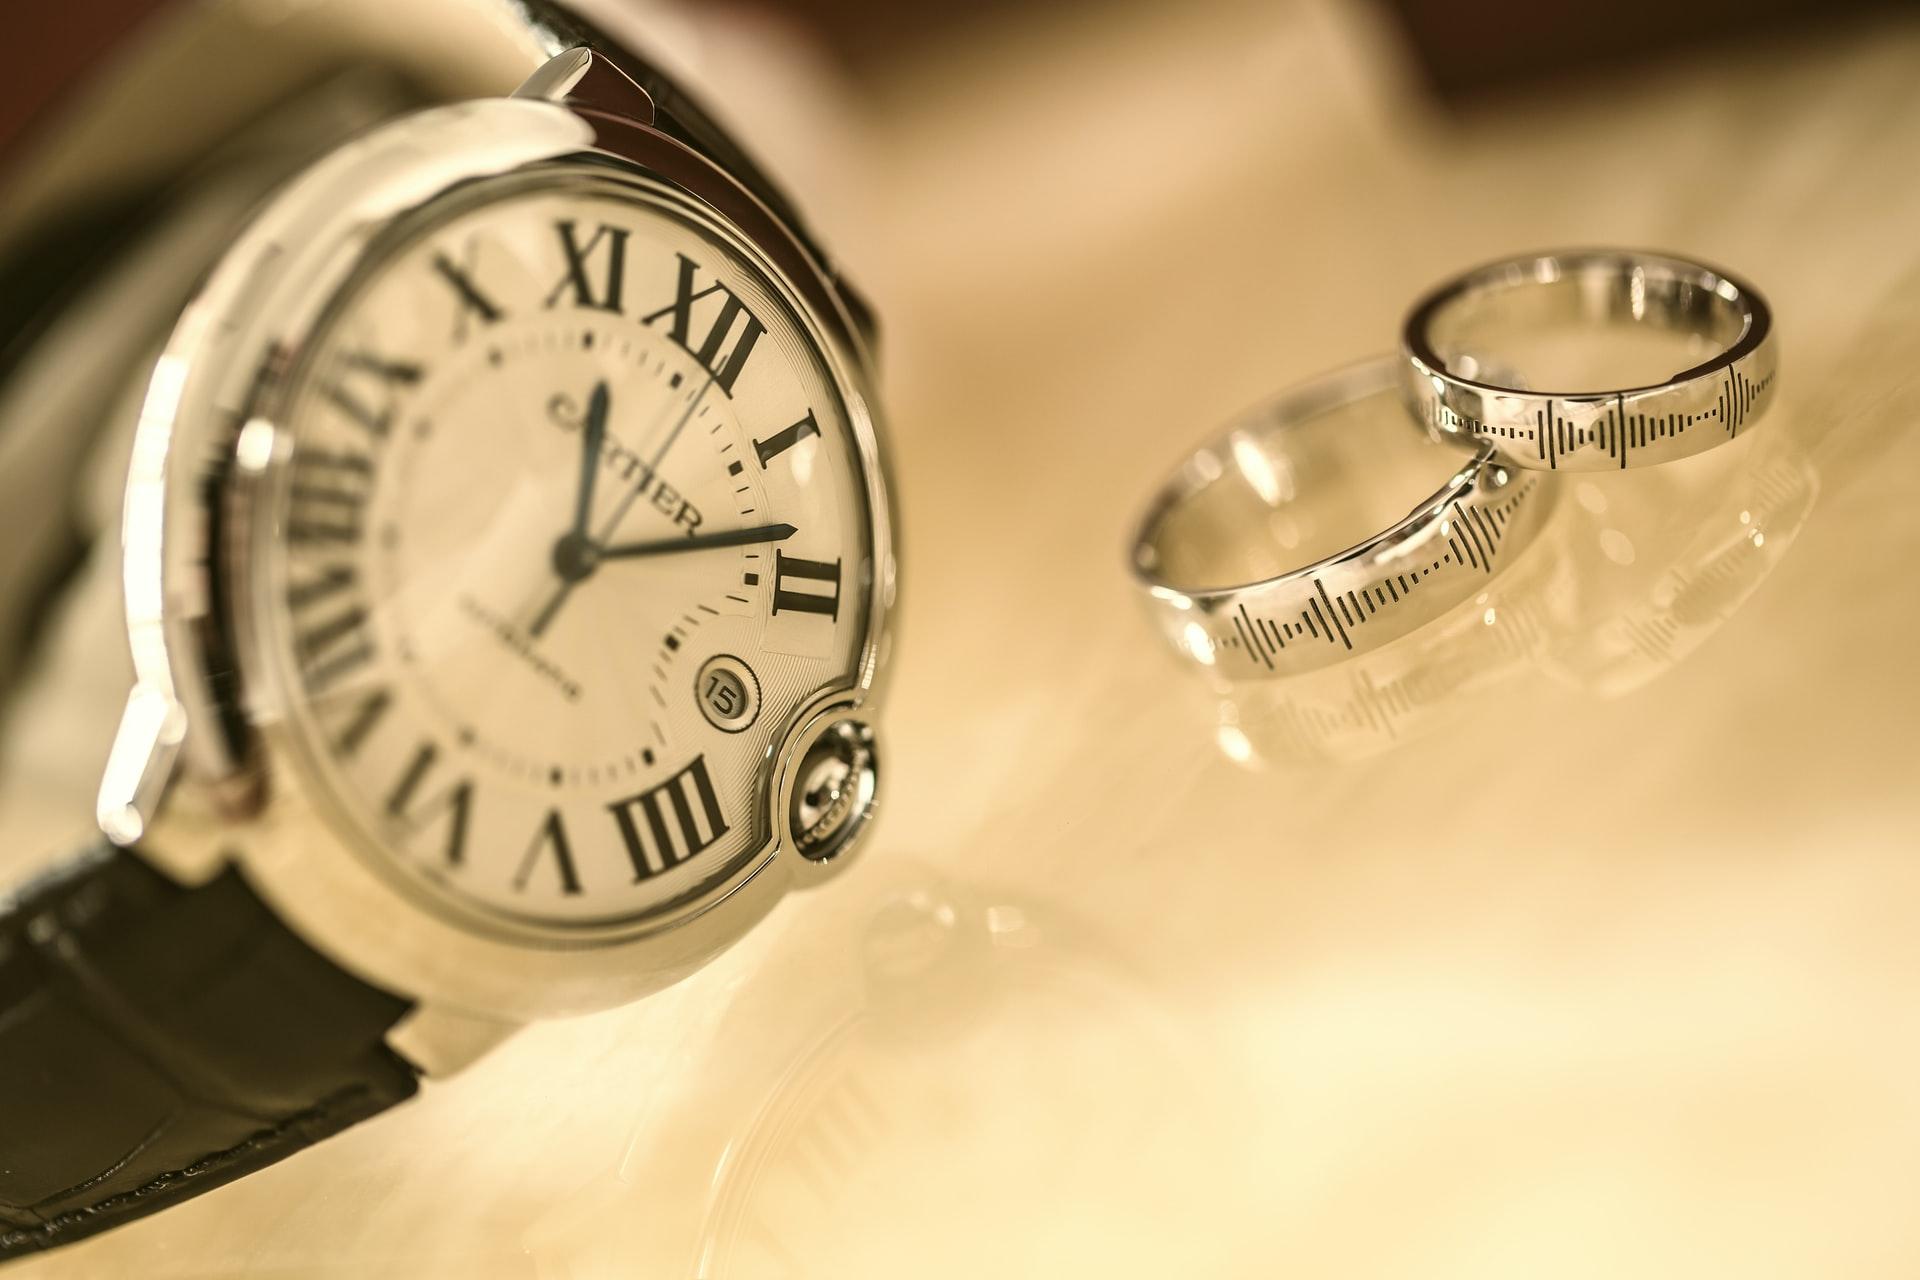 Imagen reloj con anillos